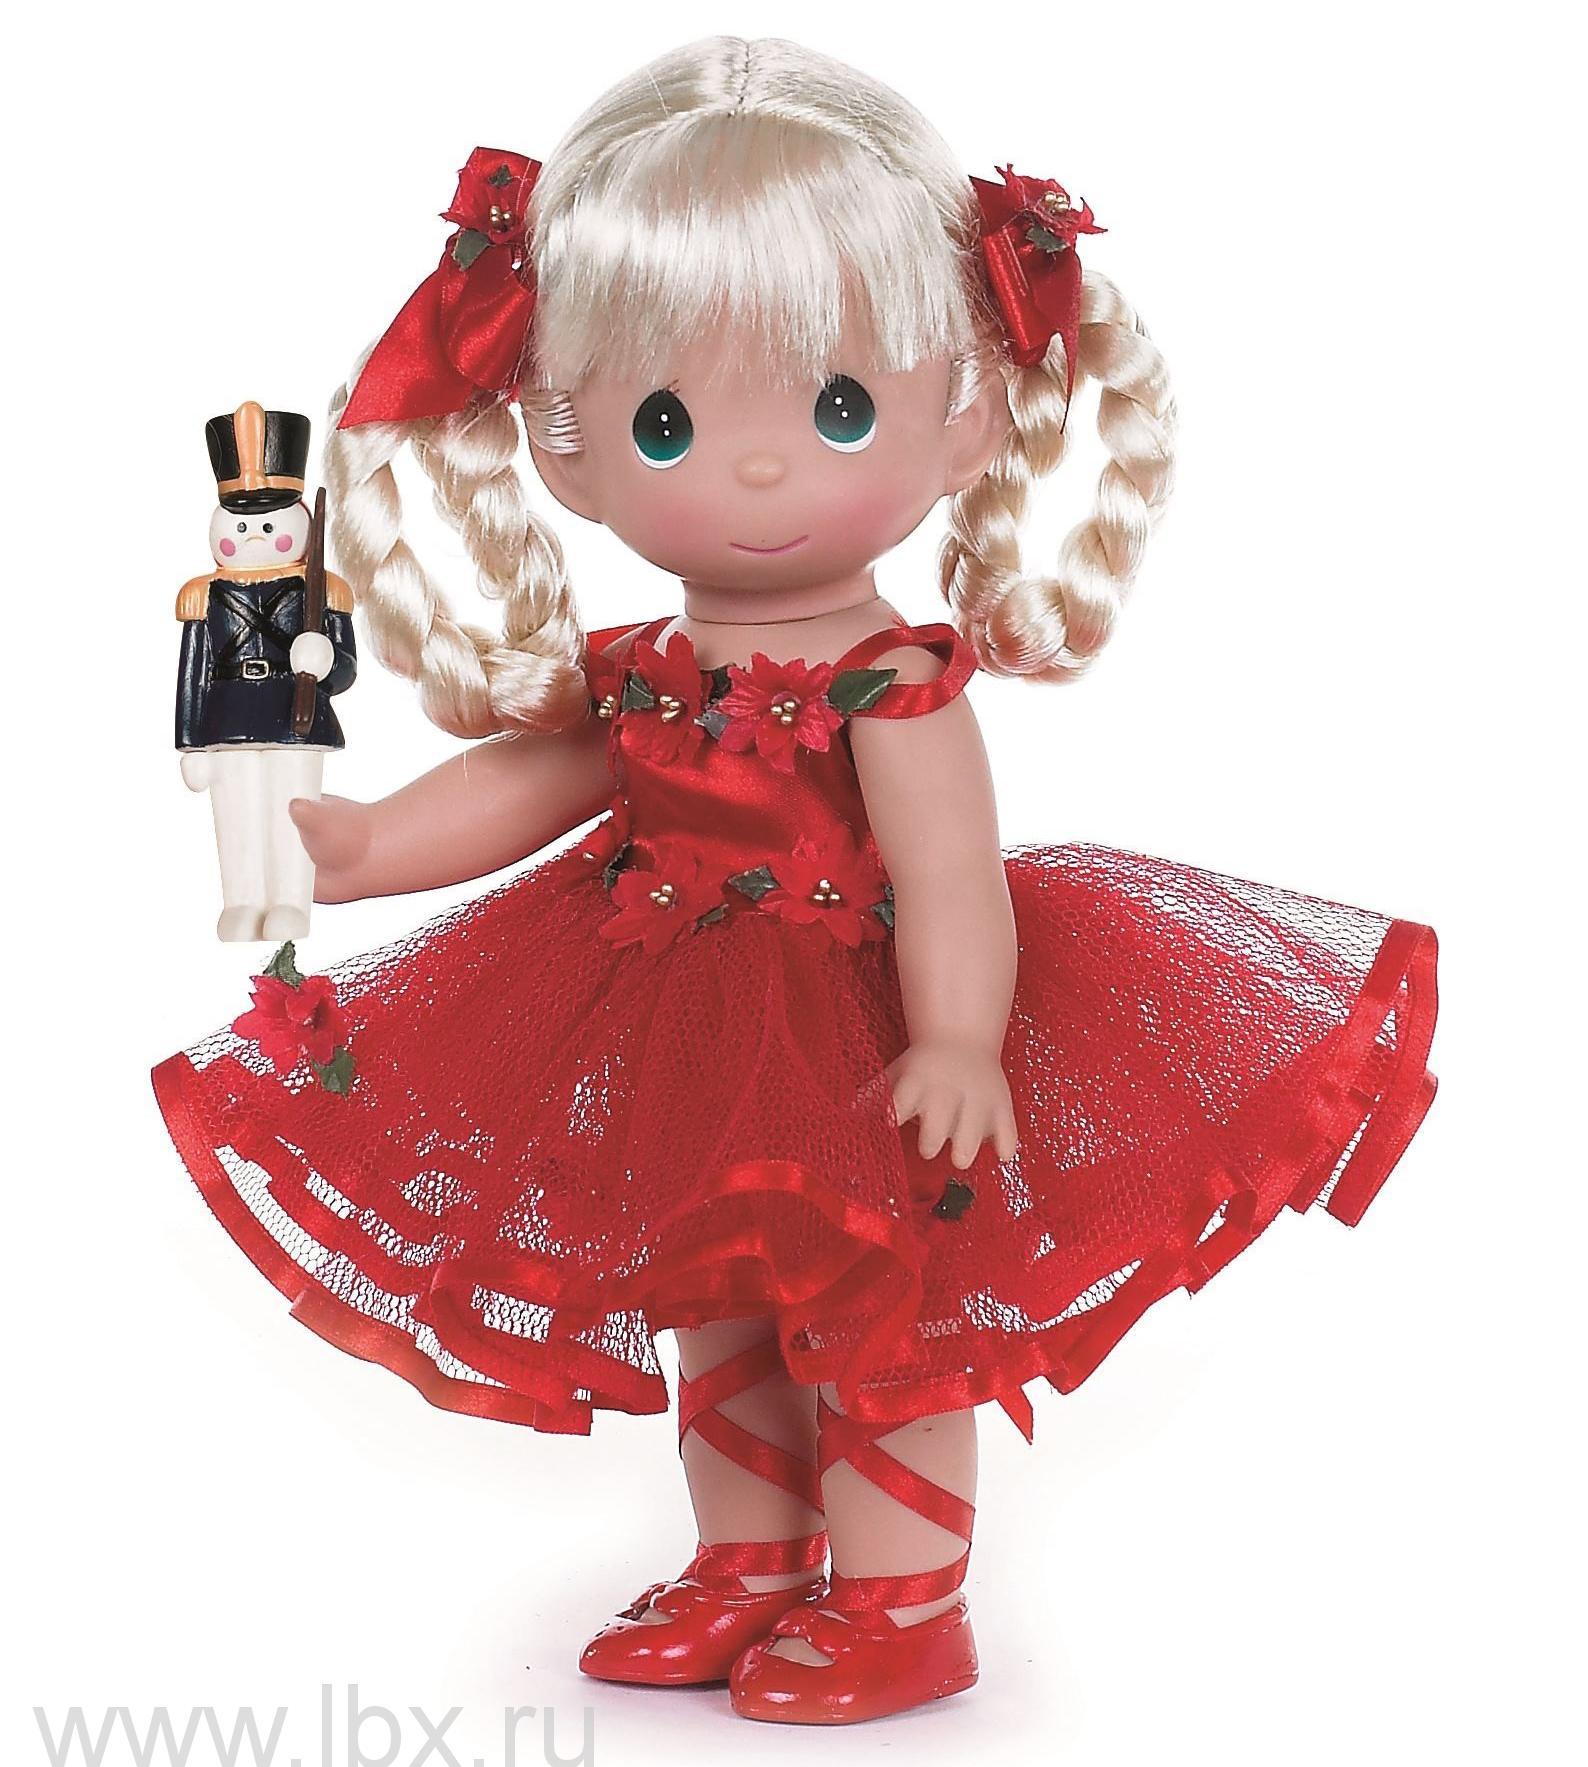 Кукла `Танец радости` 30 см, Precious Moments (Драгоценные Моменты)